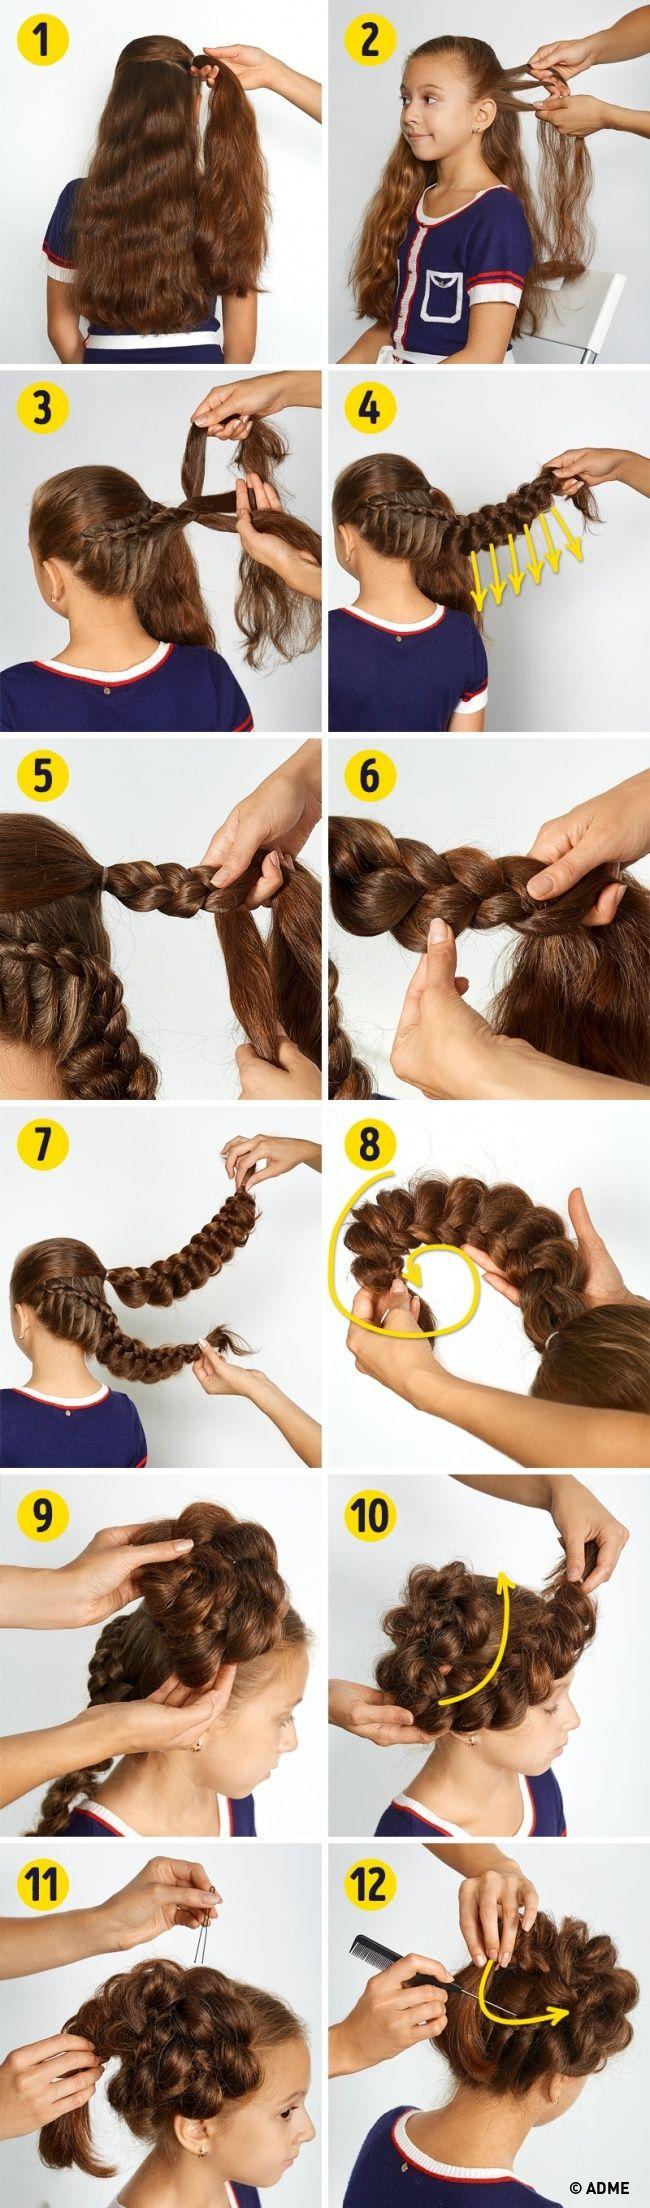 прически с которыми ваша принцесса будет самой красивойu hair